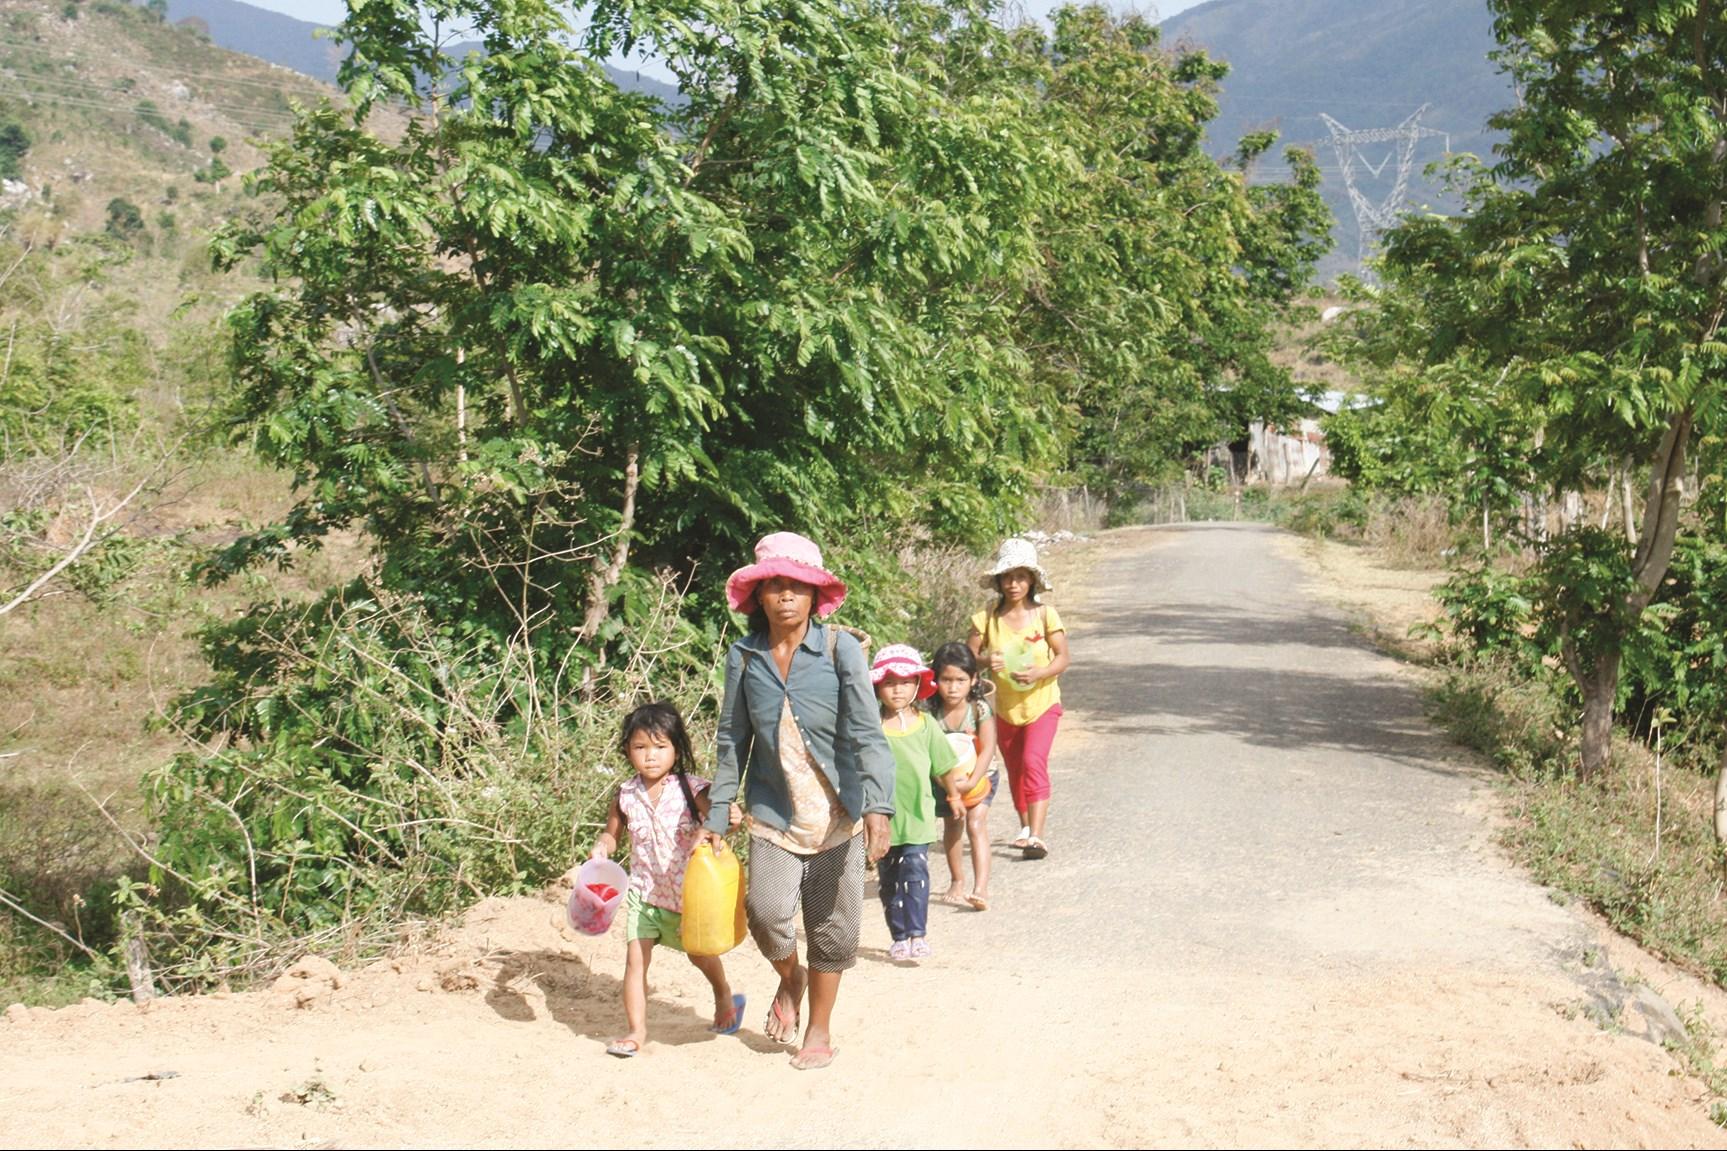 Nhiều phụ nữ ở Tây Nguyên phải đi xa hơn để lấy nước do hạn hán